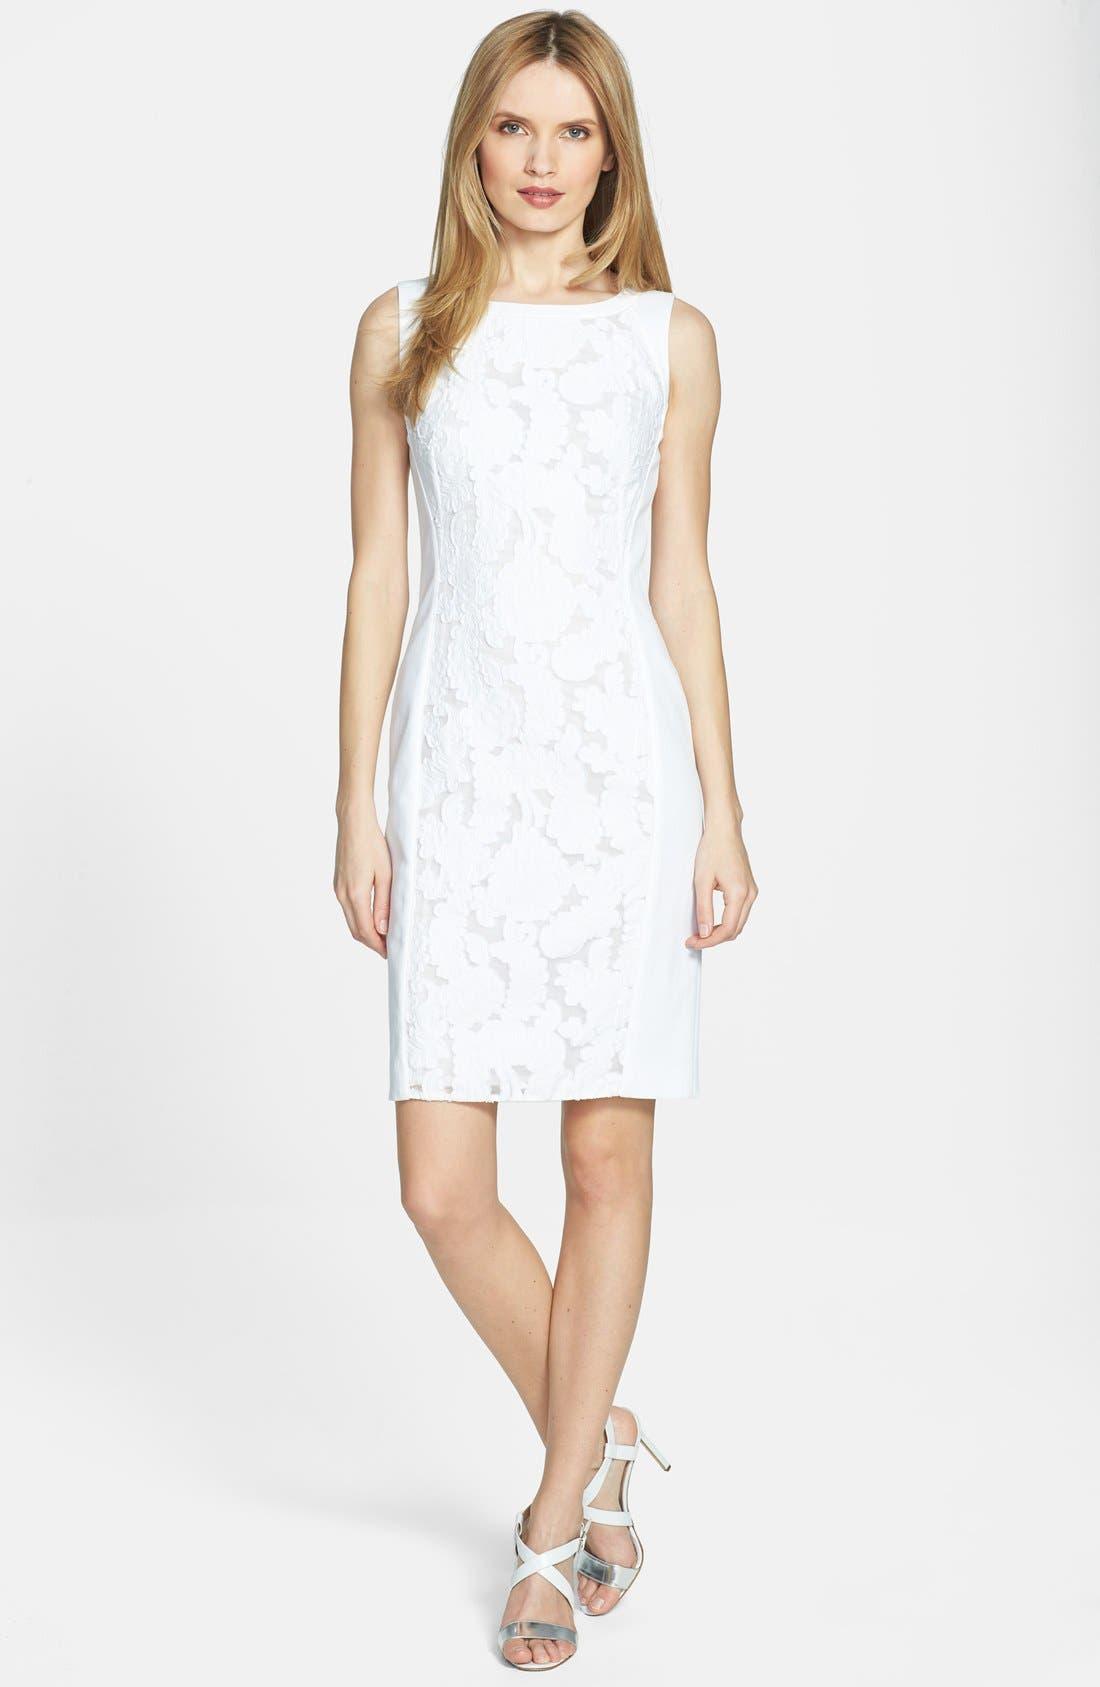 Main Image - BOSS HUGO BOSS 'Dijasin' Sleeveless Sheath Dress